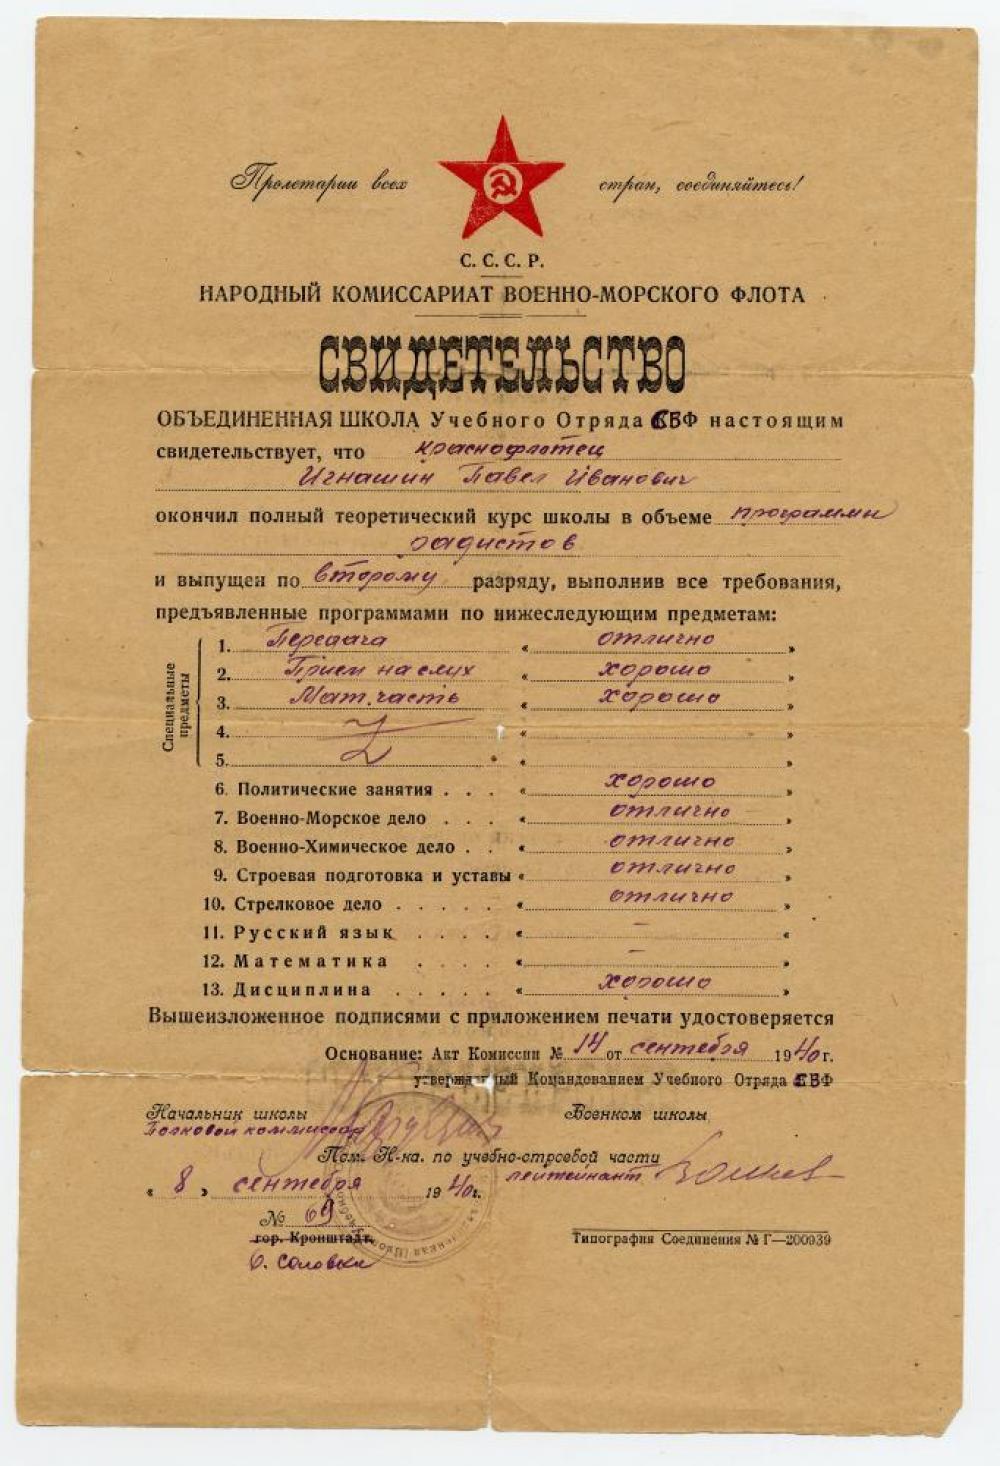 Свидетельство об окончании Объединенной школы УО СФ Игнашина П.И. Соловки. 8 сентября 1940 г.